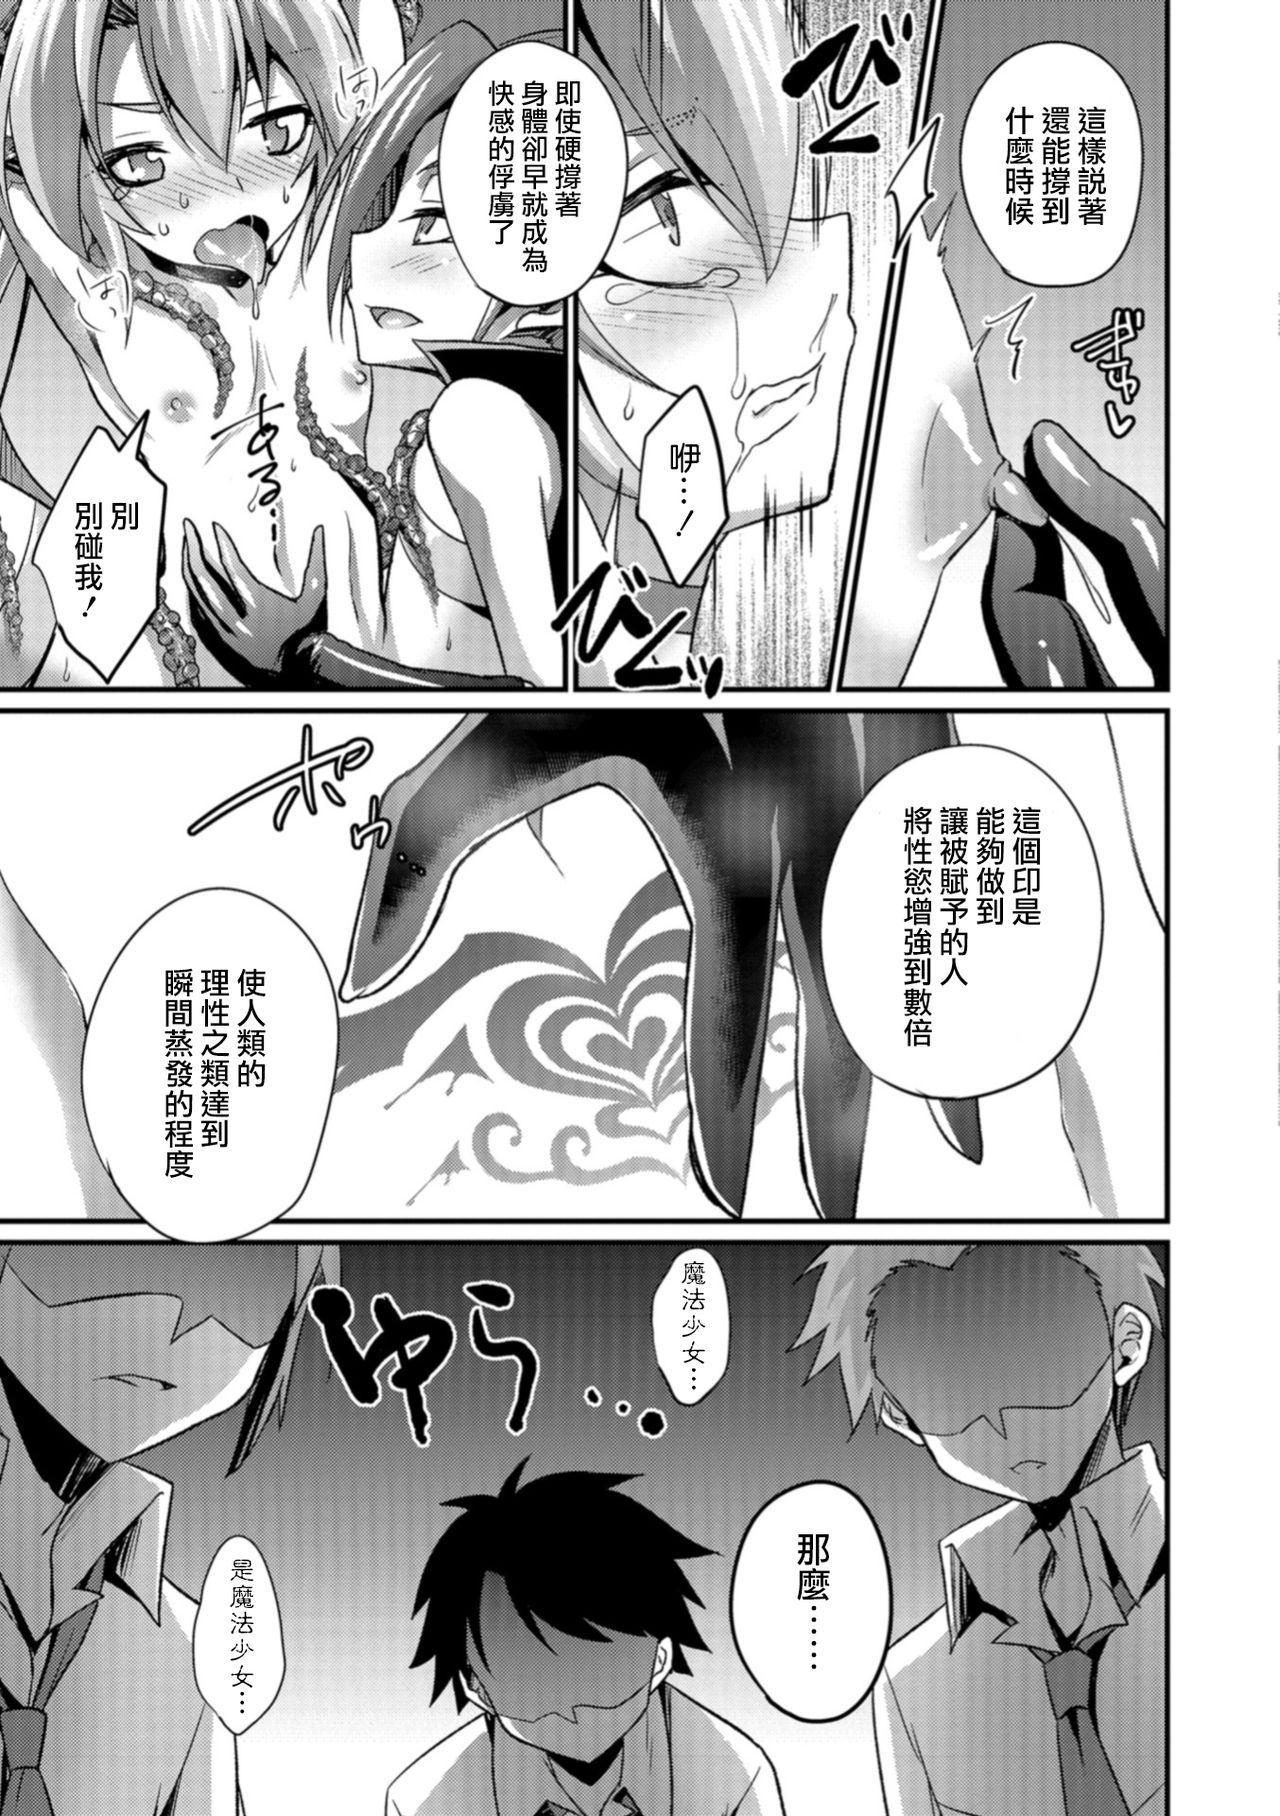 Mahou Shoujo to Mazoku no Shounen 16